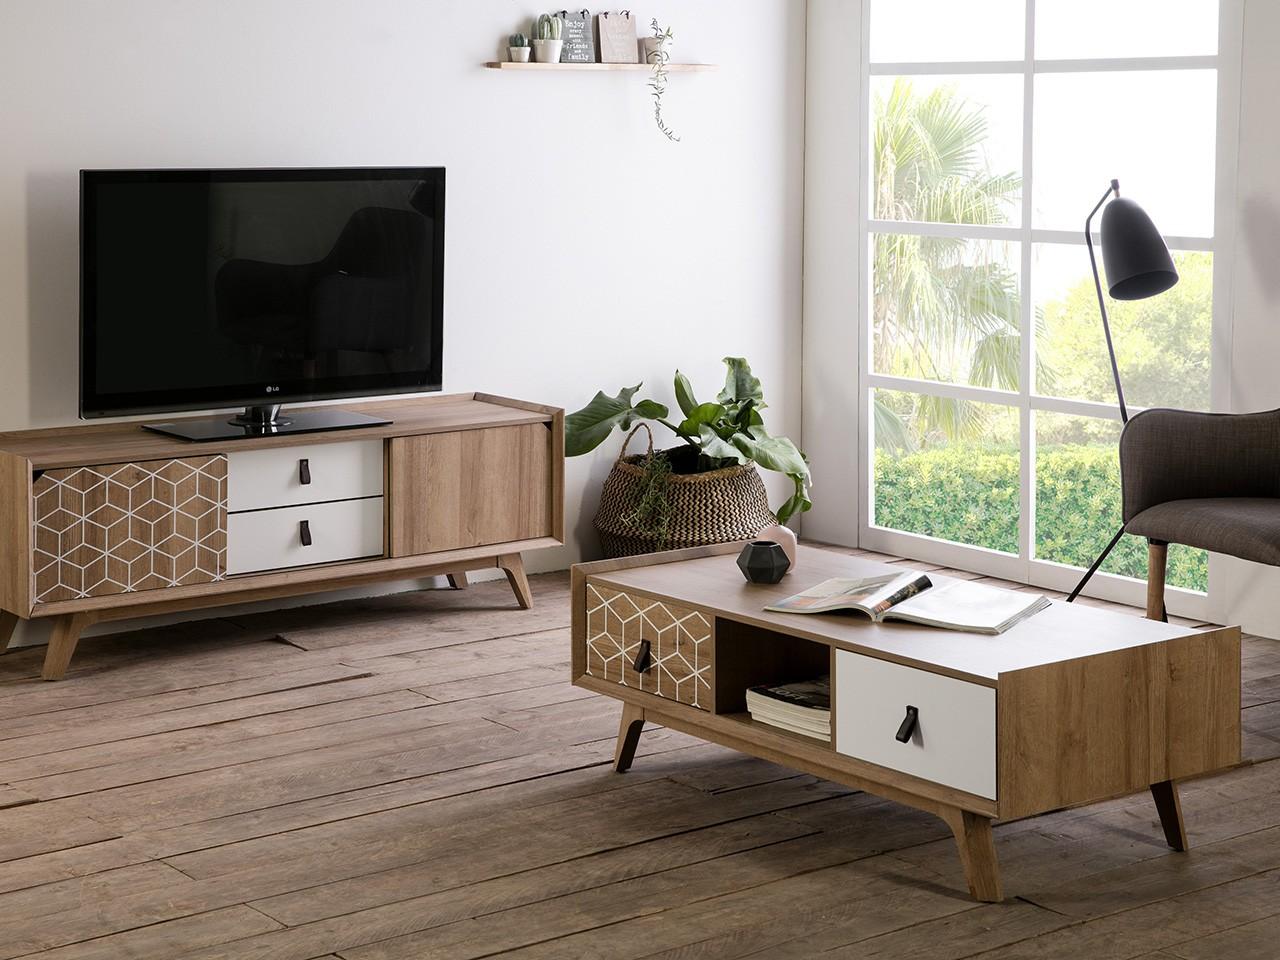 Puertas cl set y cocinas en madera cocinas modernas 2 - Puertas de cocinas modernas ...